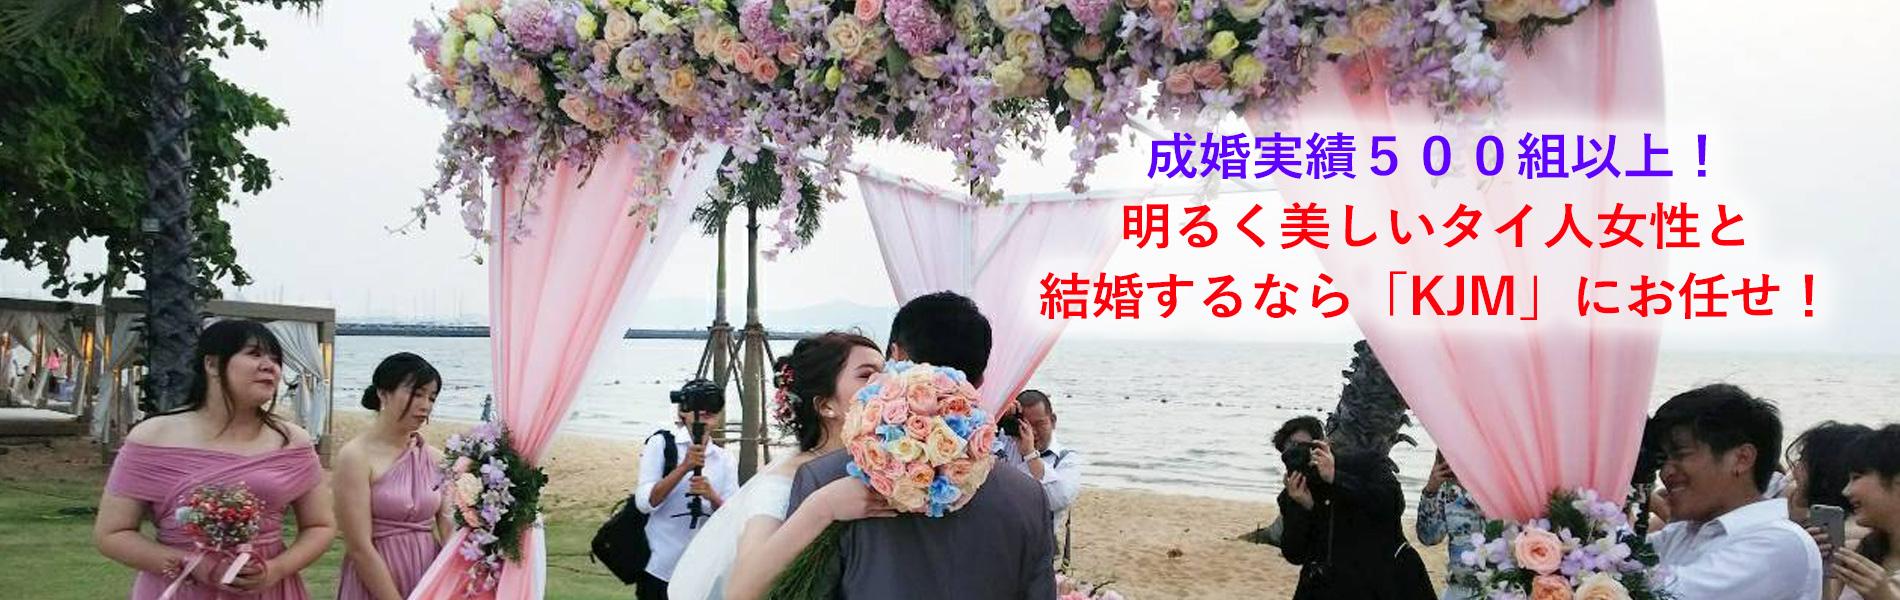 笑顔が素敵な若くて美しいタイ人女性と 結婚するなら「KJM」にお任せ!